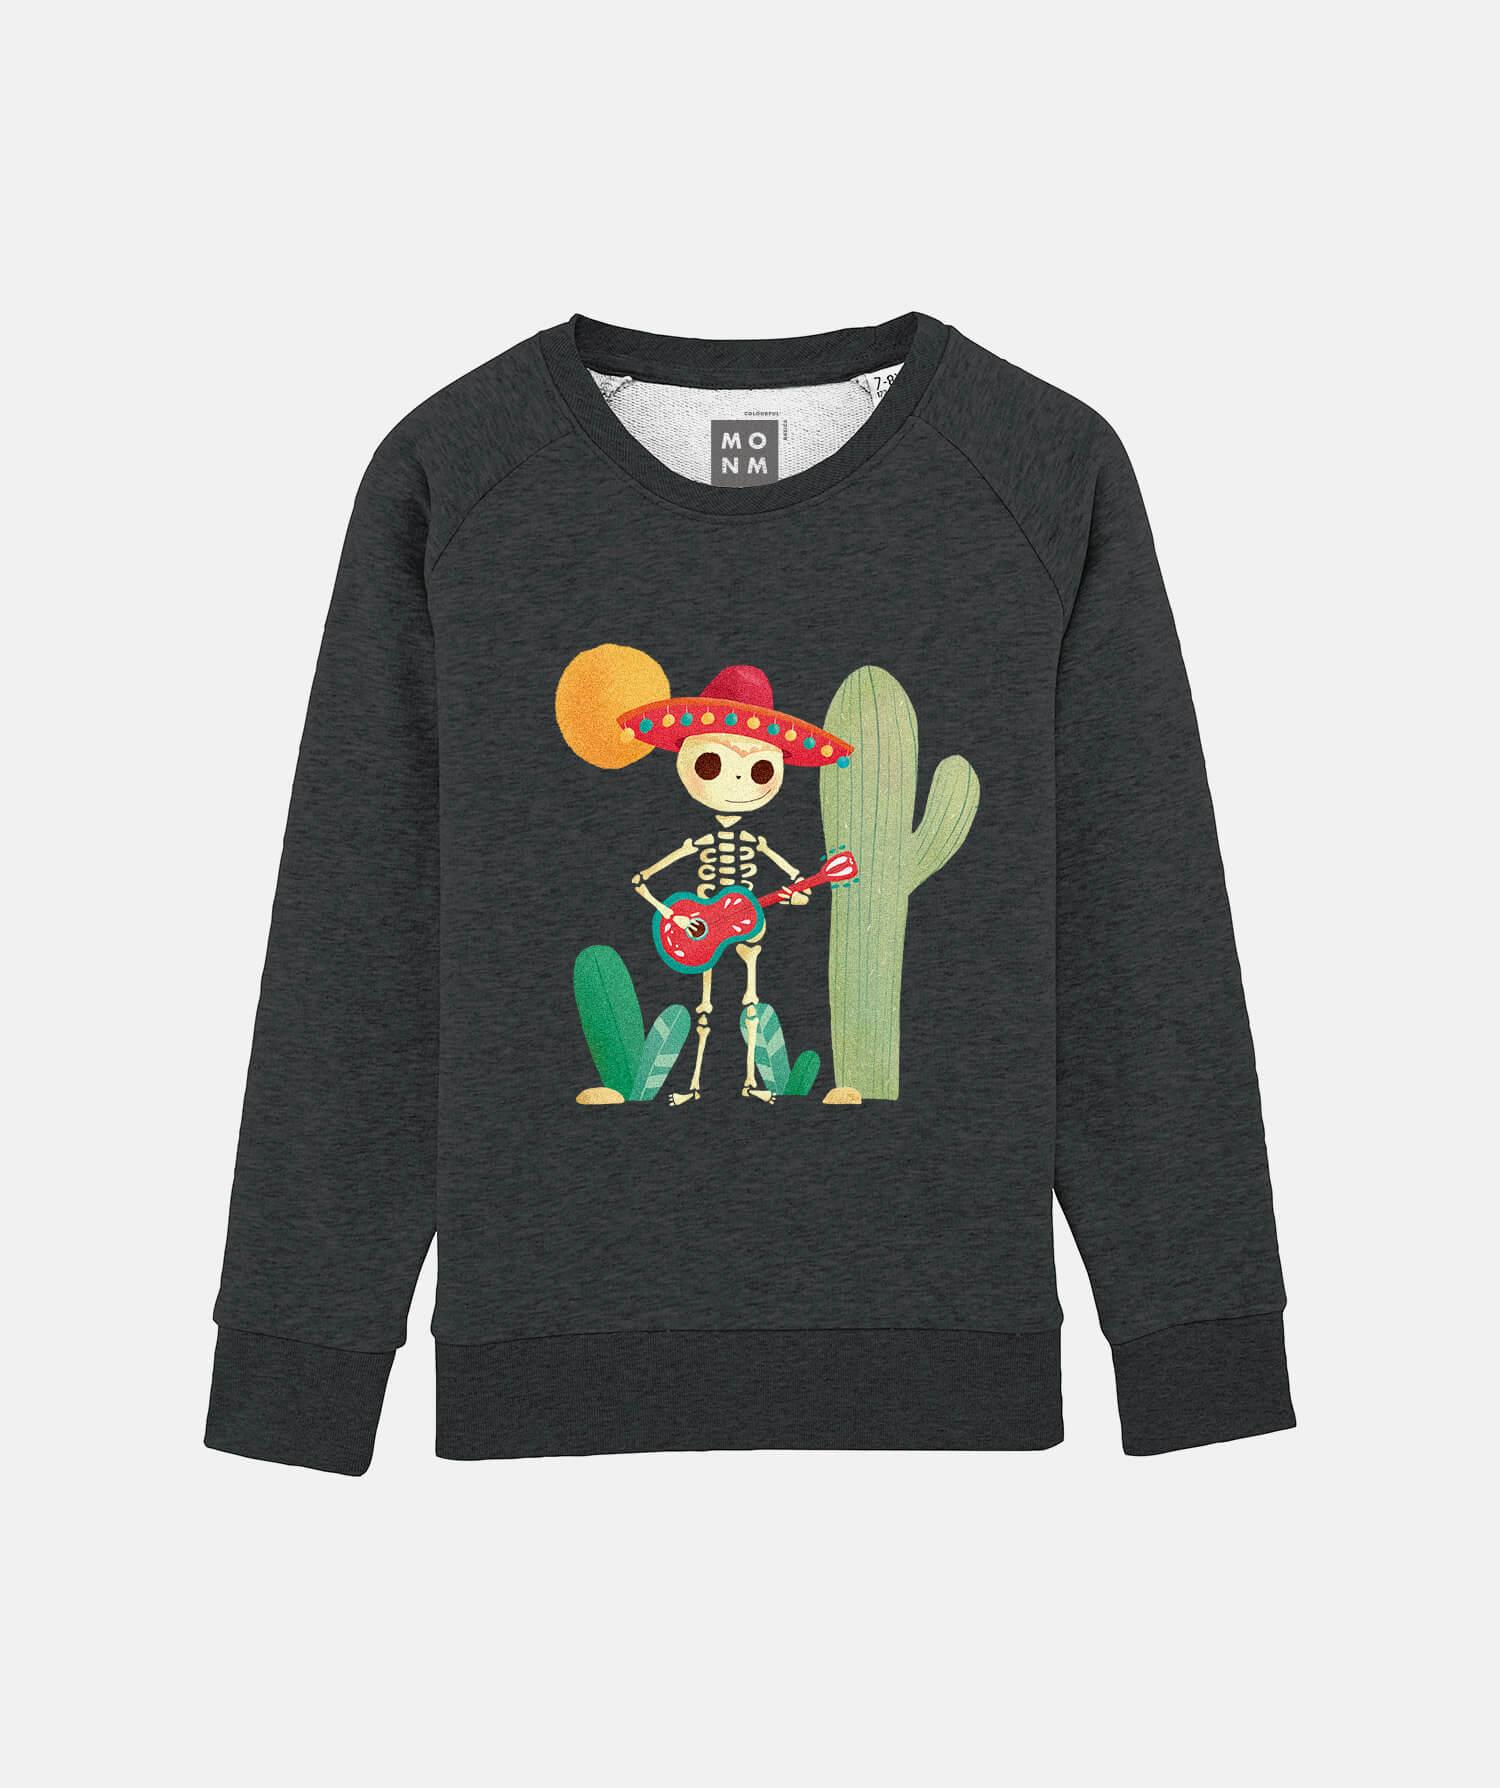 Amigo sweater